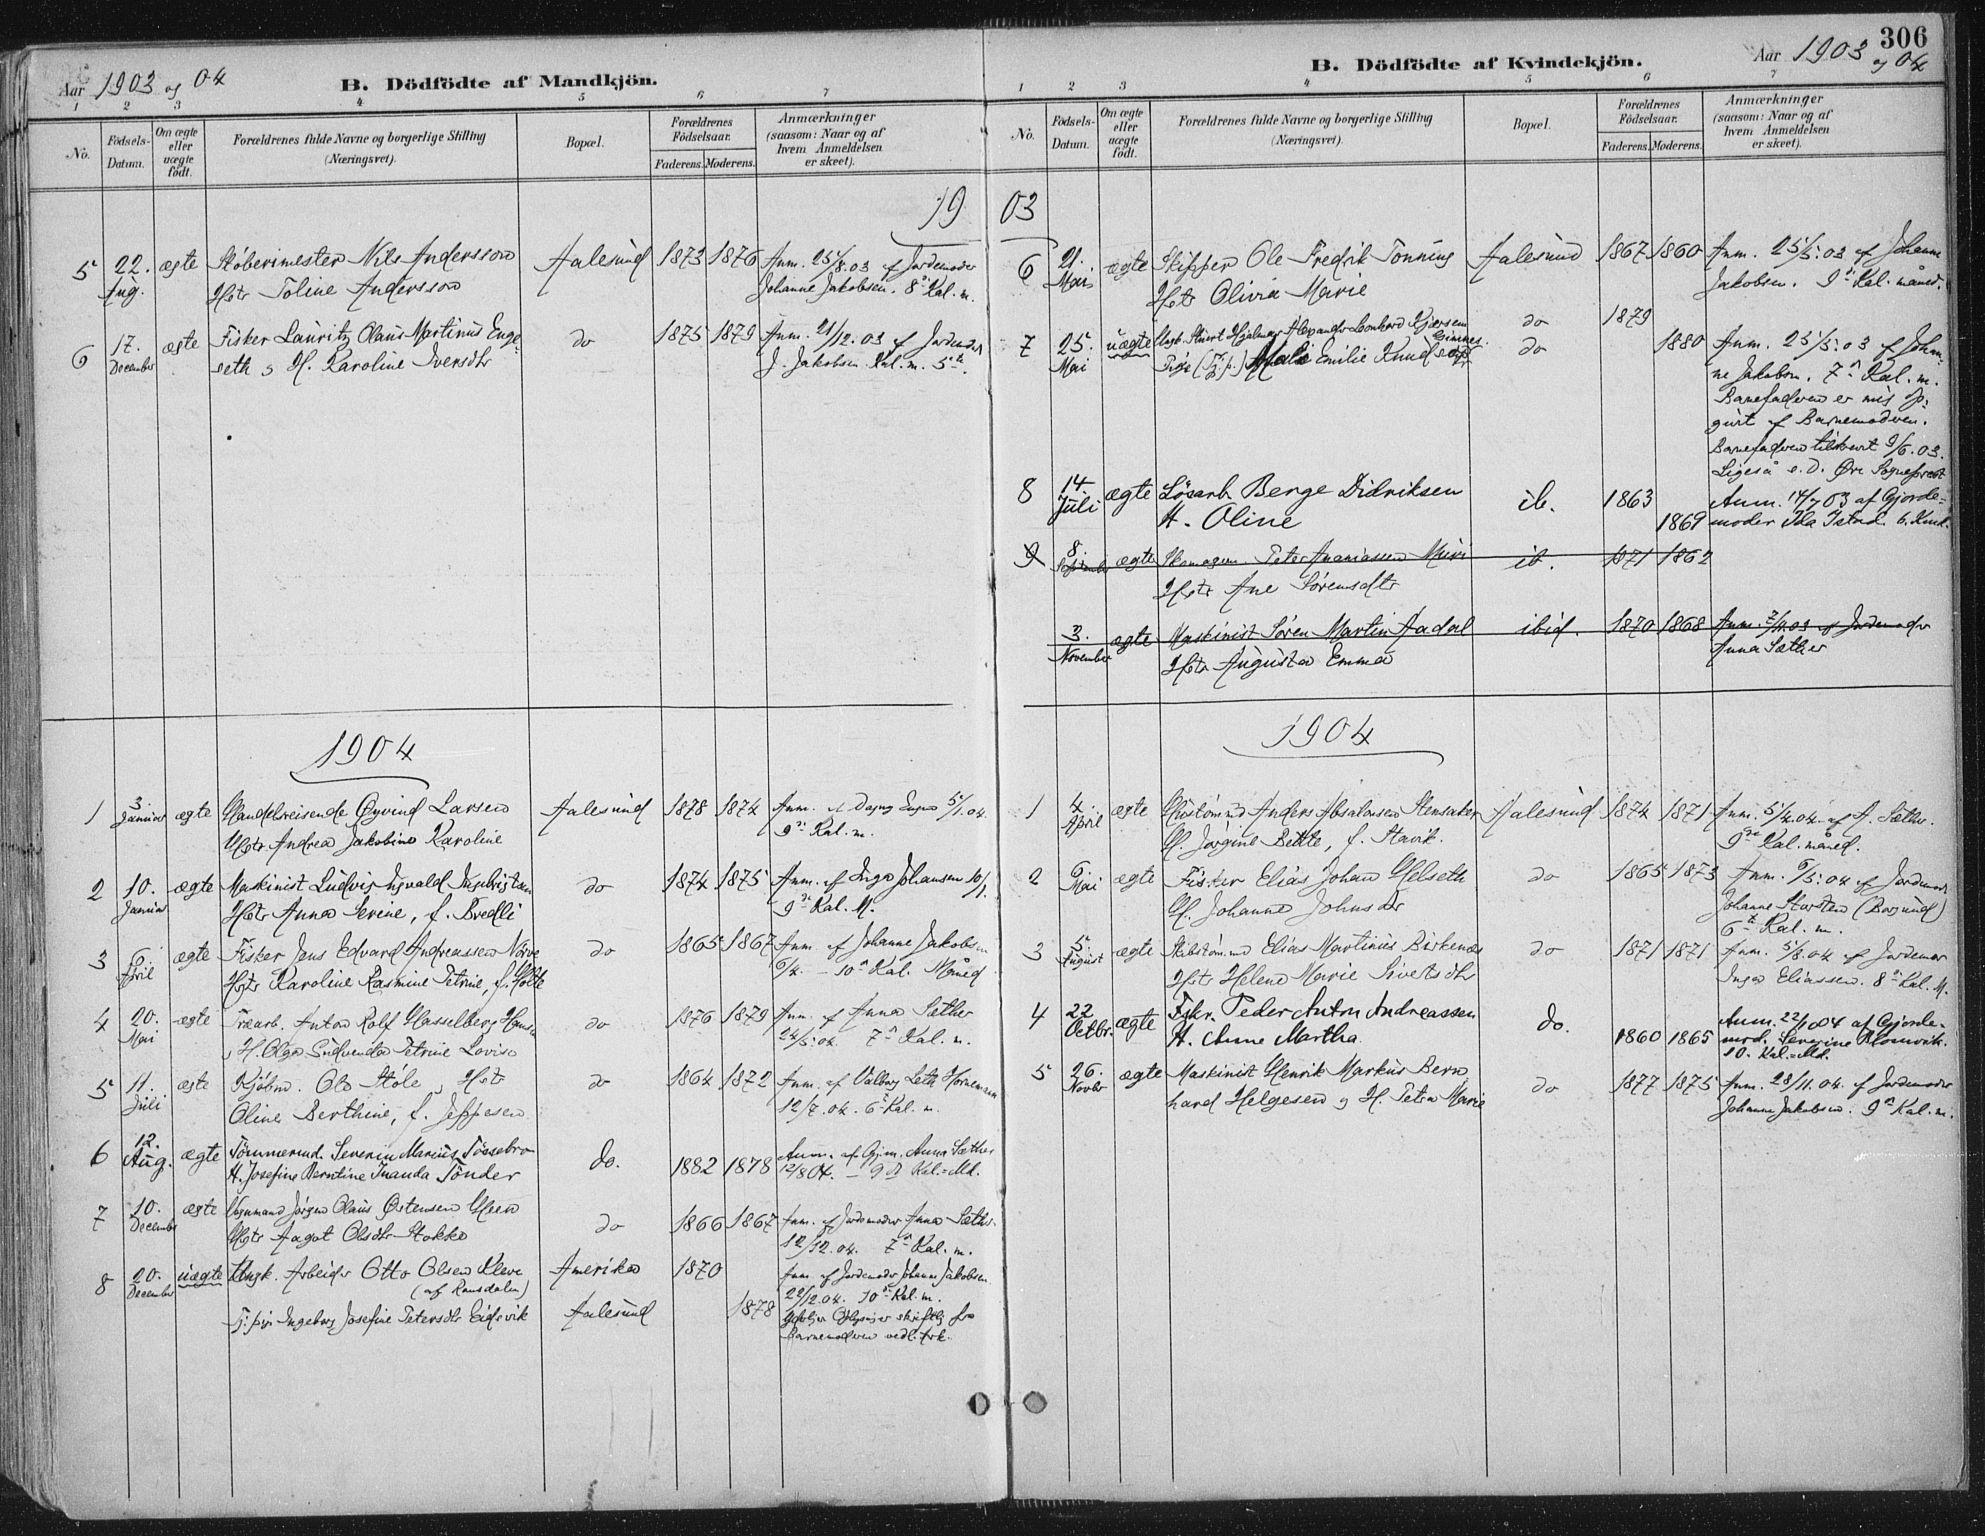 SAT, Ministerialprotokoller, klokkerbøker og fødselsregistre - Møre og Romsdal, 529/L0456: Ministerialbok nr. 529A06, 1894-1906, s. 306